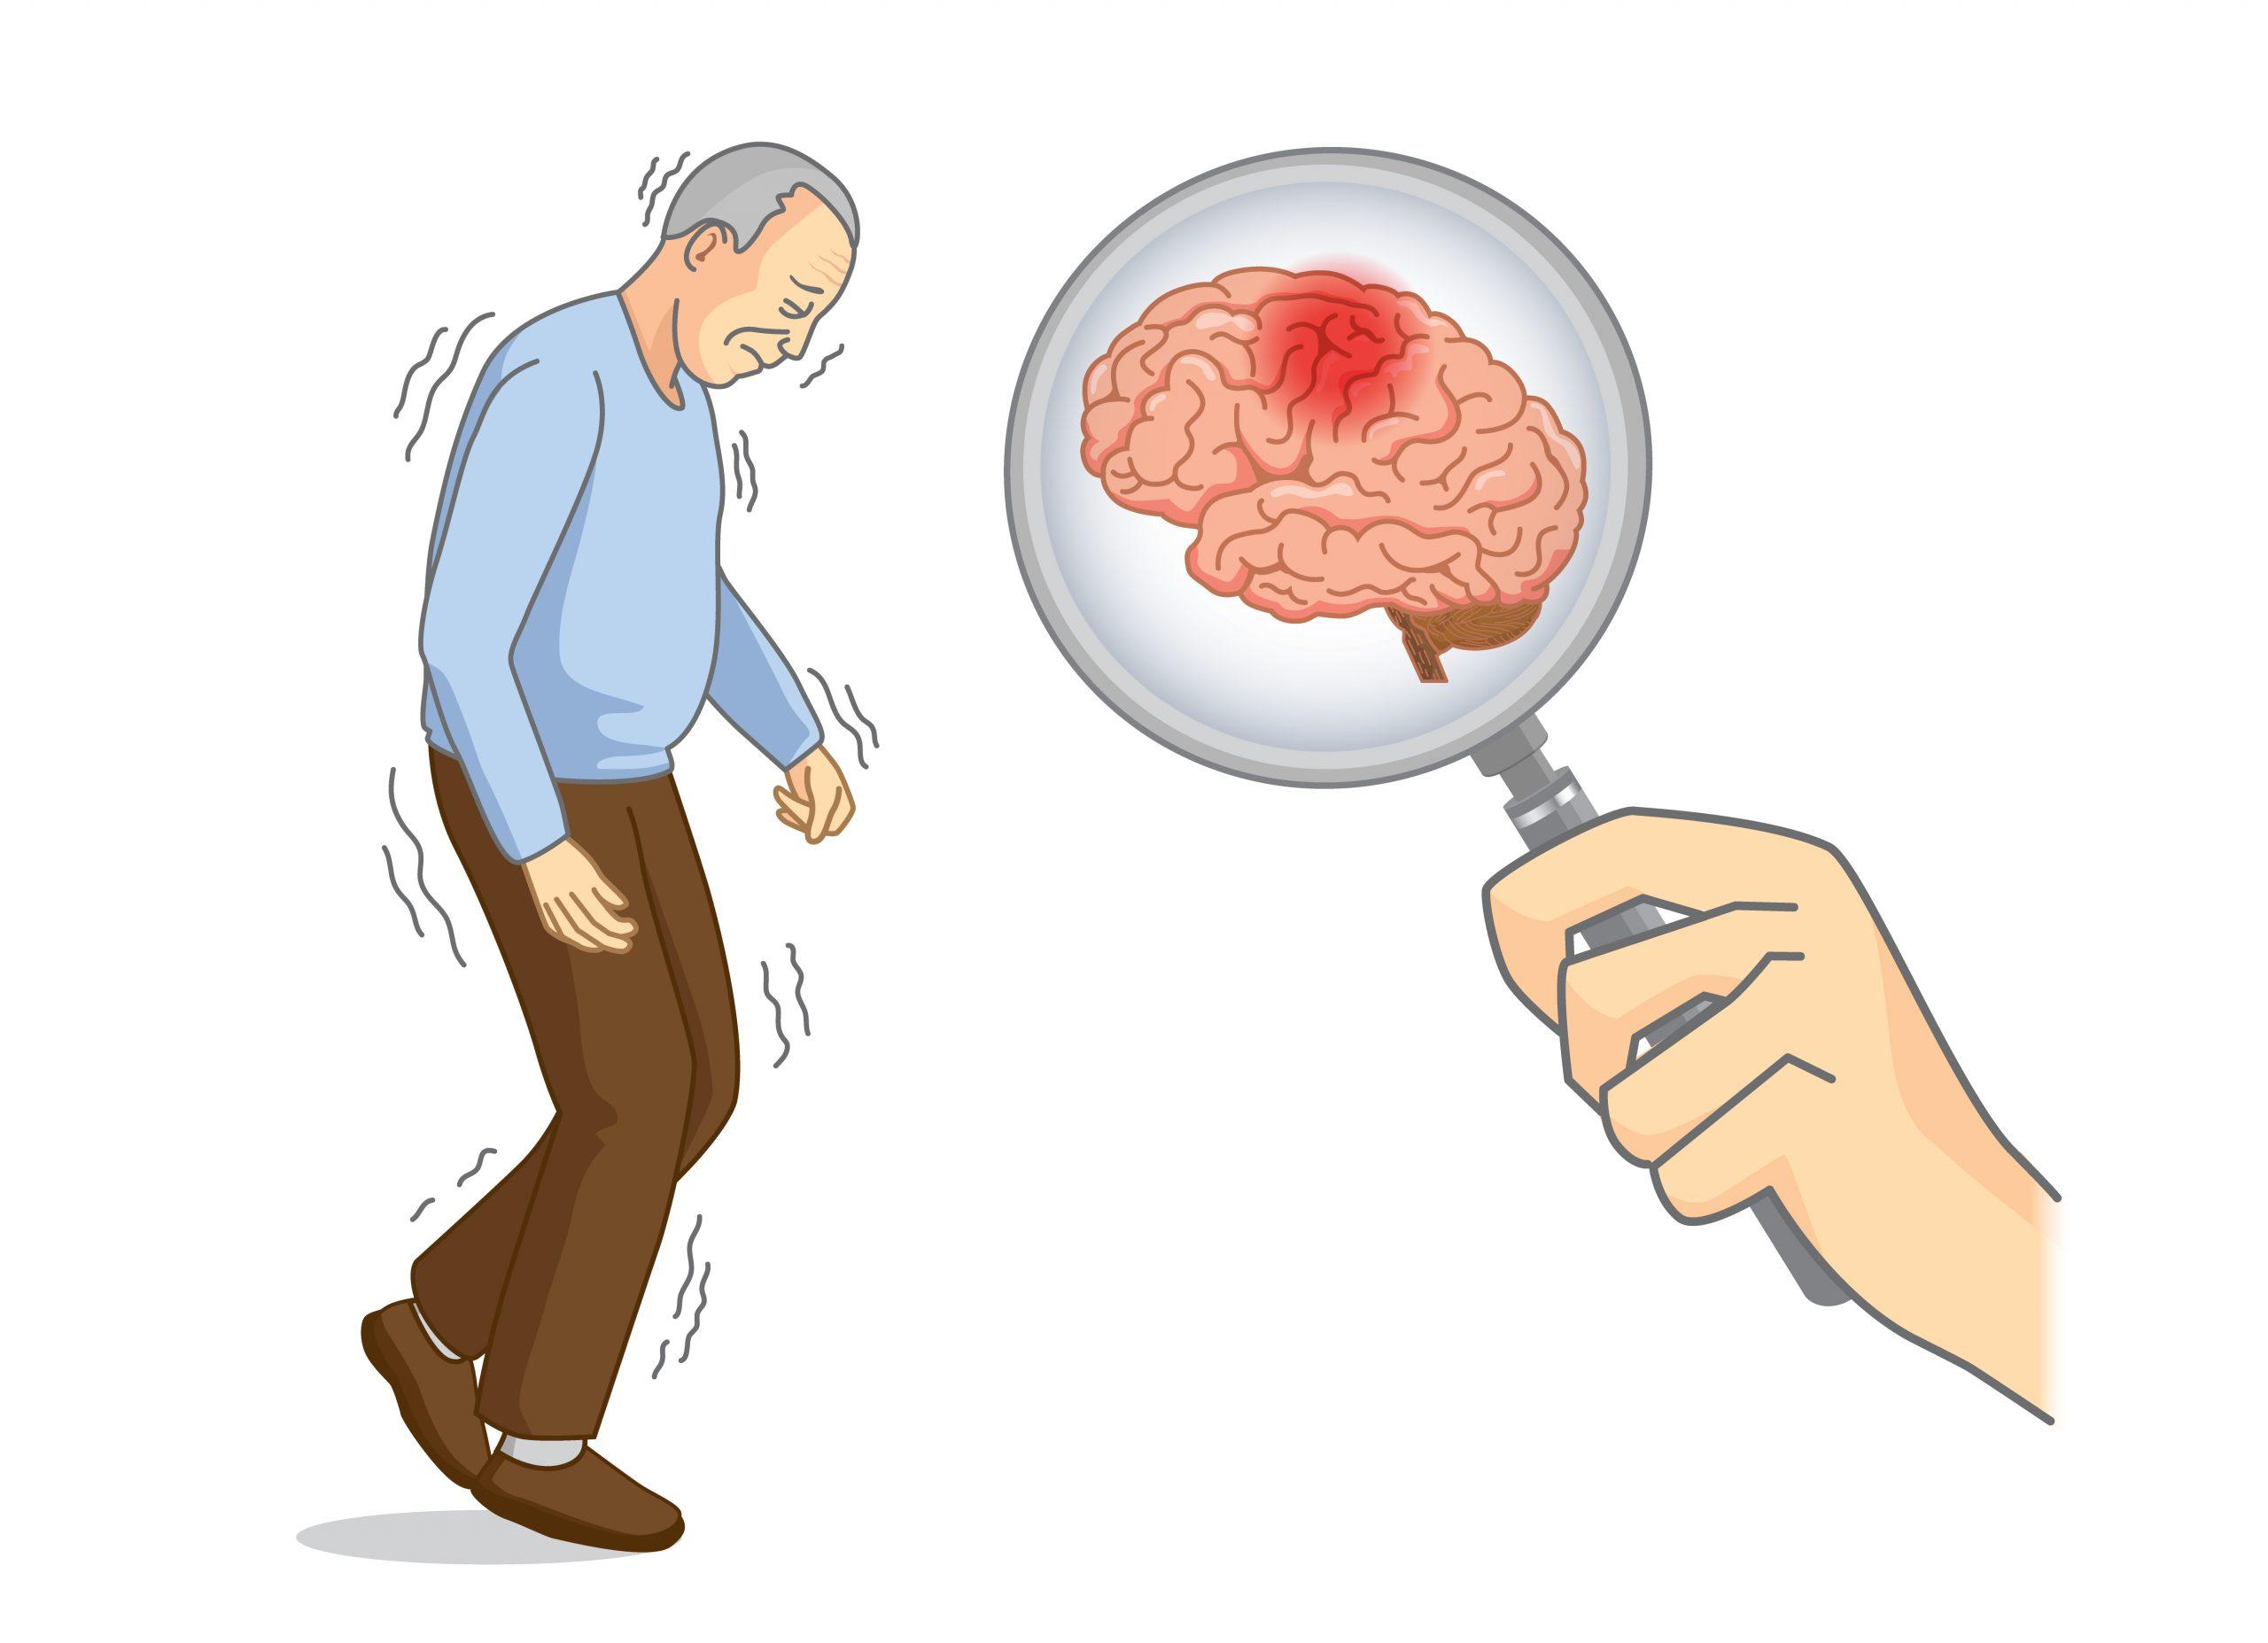 پارکینسون: علائم و روش های درمان, Drug Med